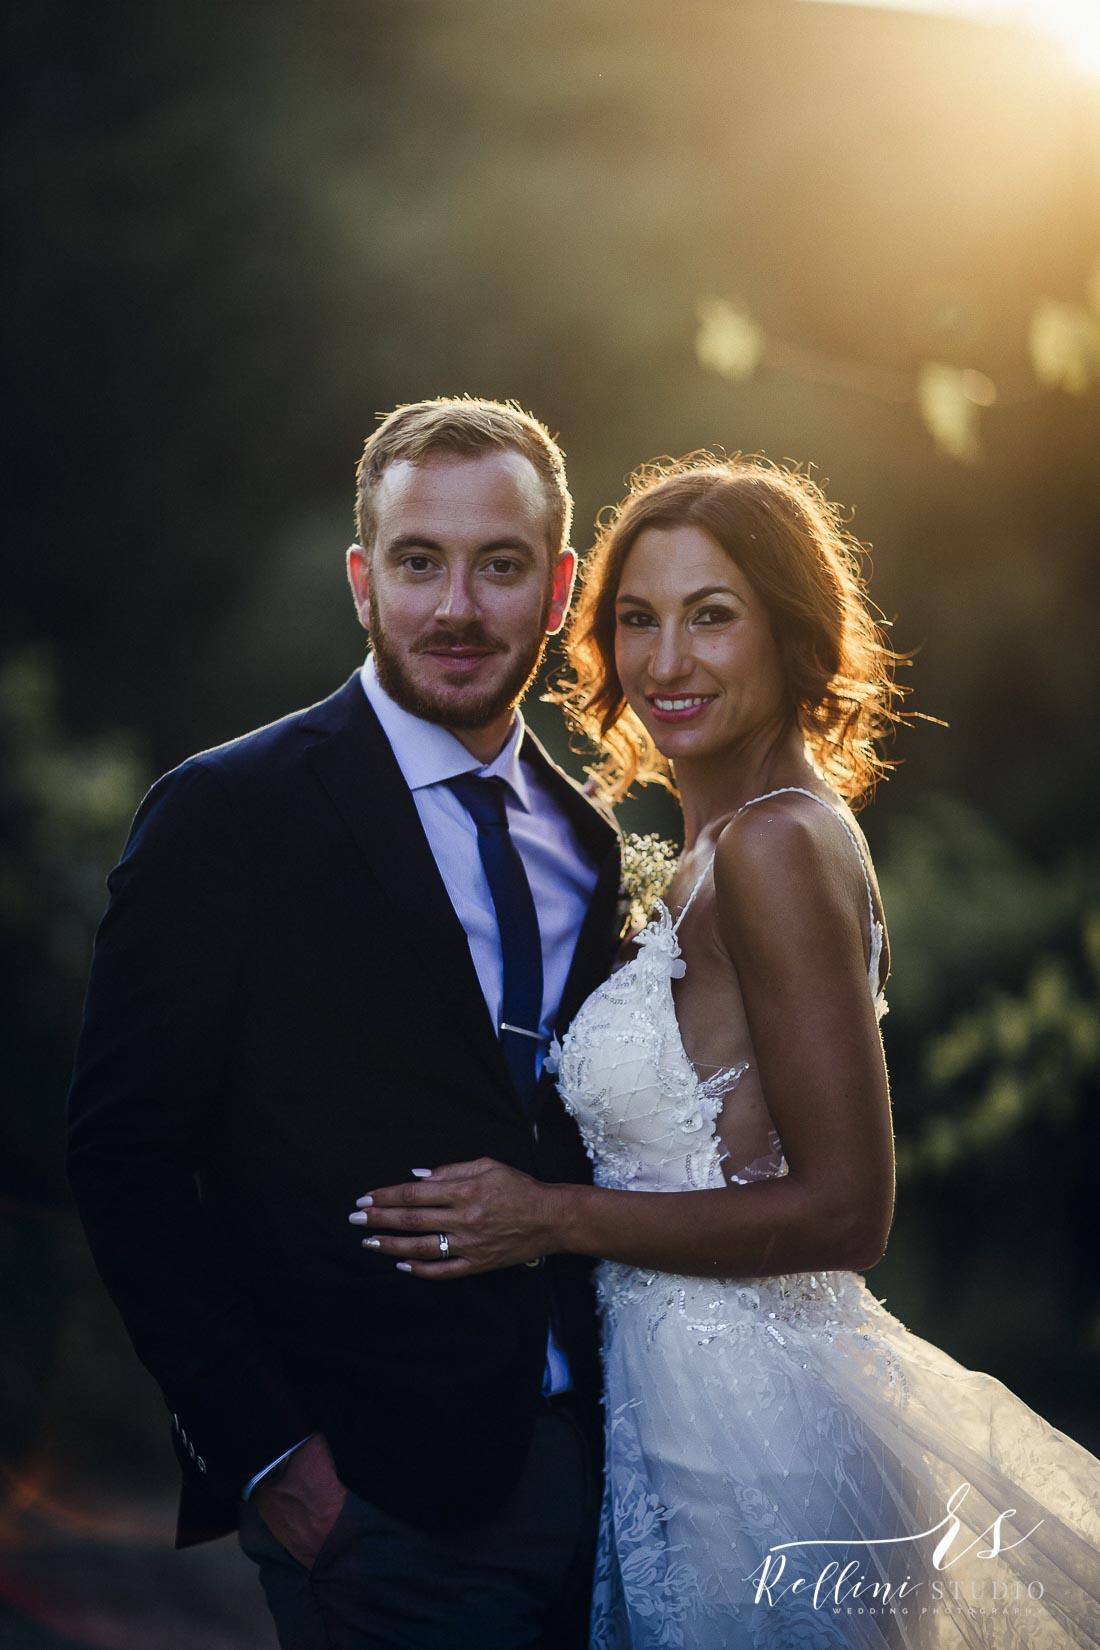 wedding at Palazzone in Orvieto 092.jpg